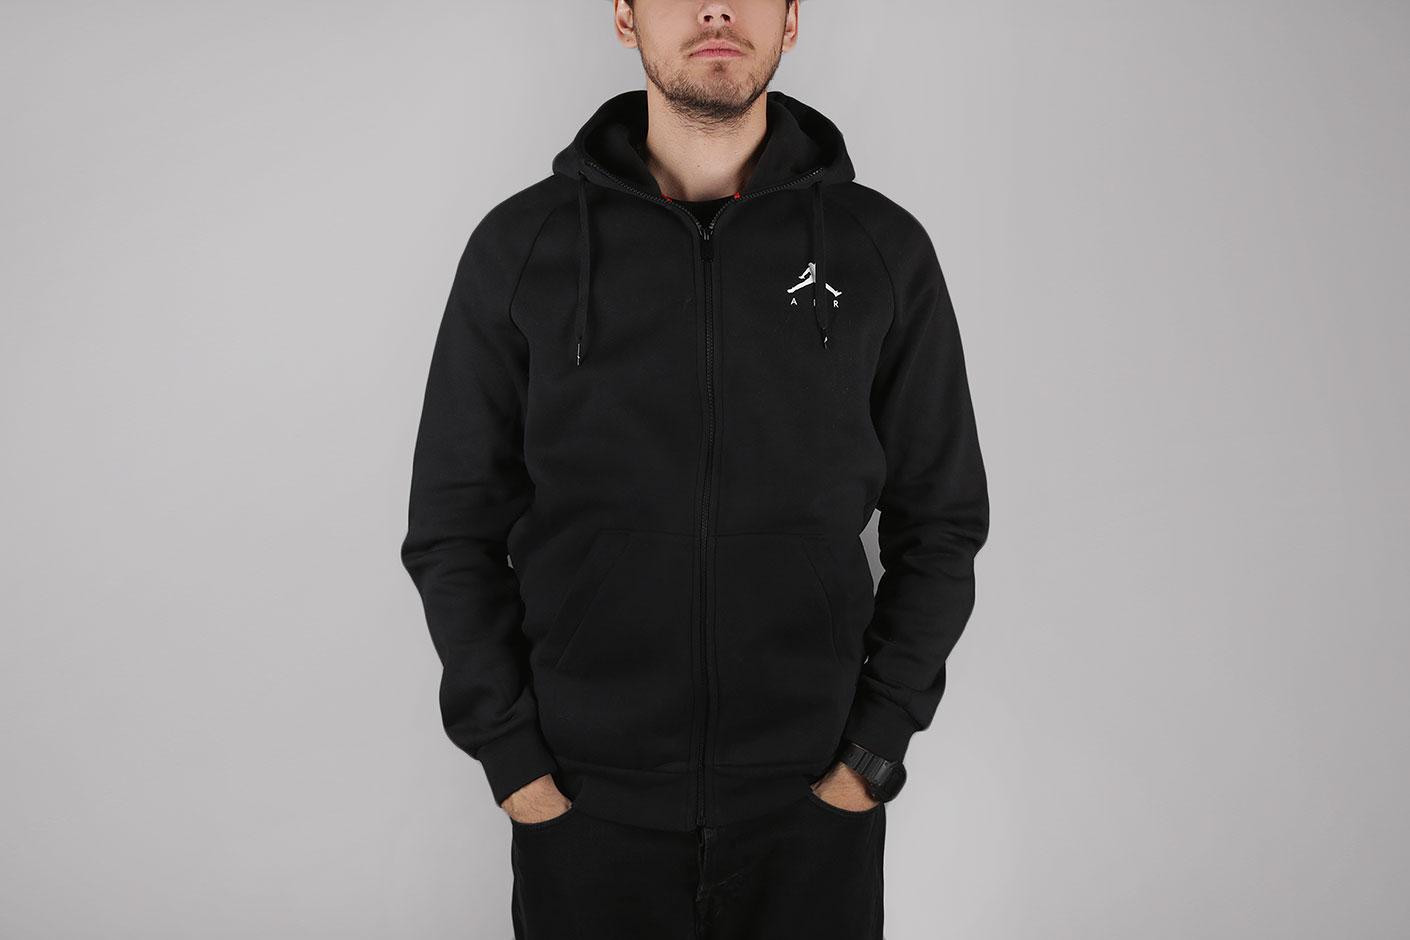 Черная мужская толстовка Jumpman Air Men s Fleece Full-Zip Hoodie от ... ca11a046351